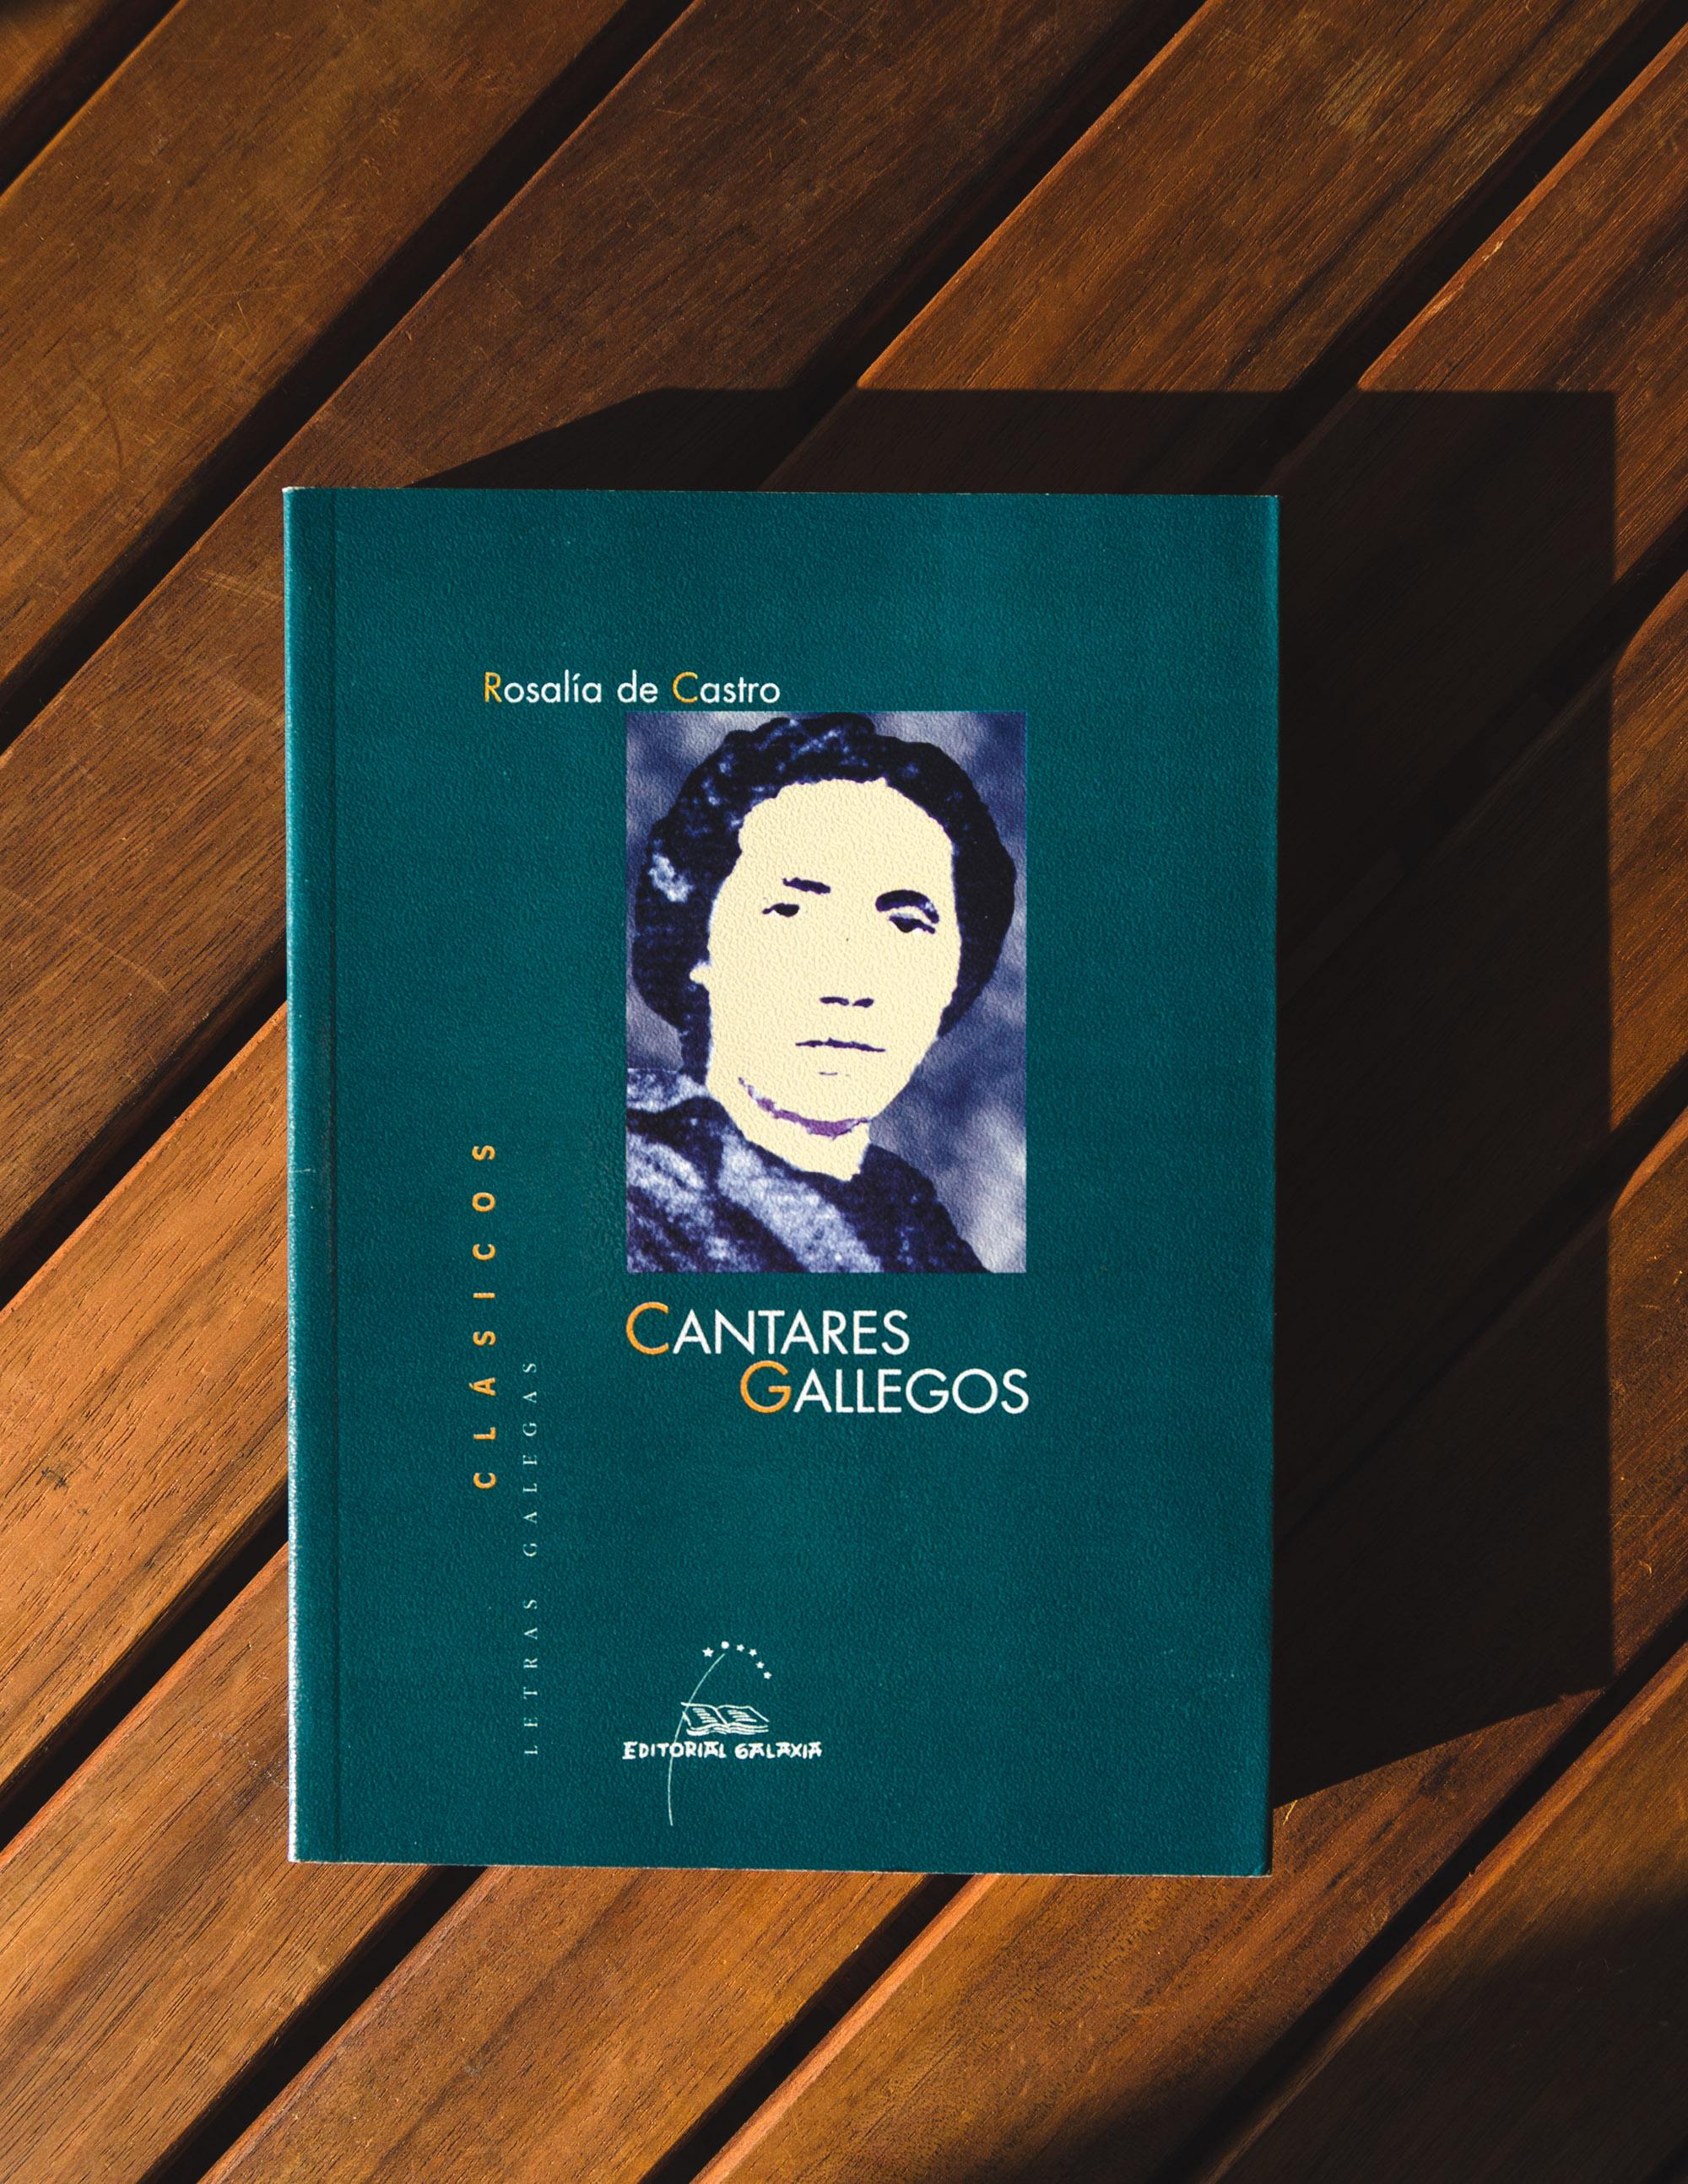 Libro Cantares Gallegos 2 - Rosalía de Castro